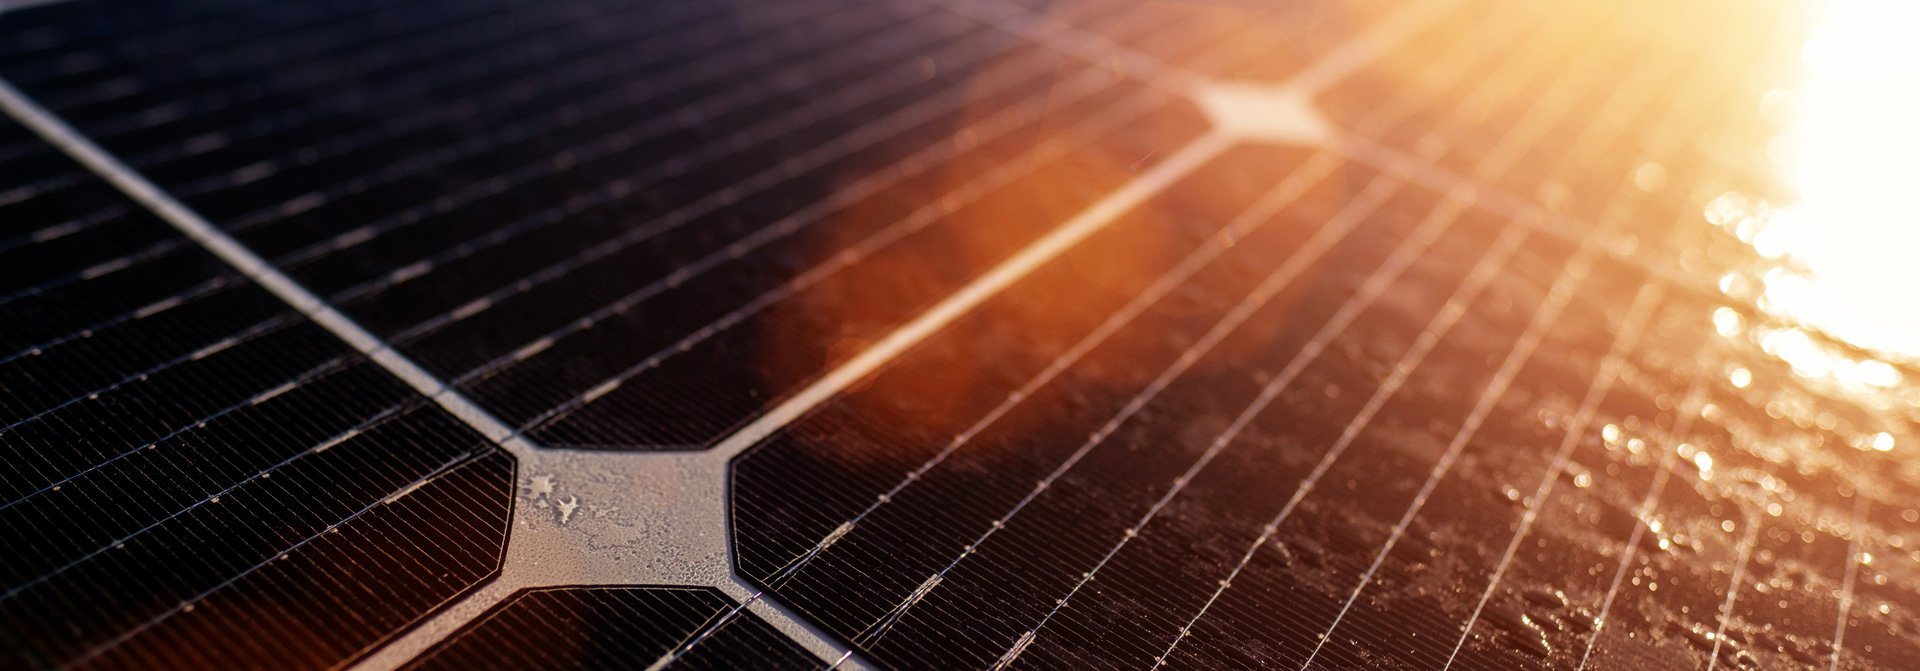 Solarzelle wird von Sonne bestrahlt